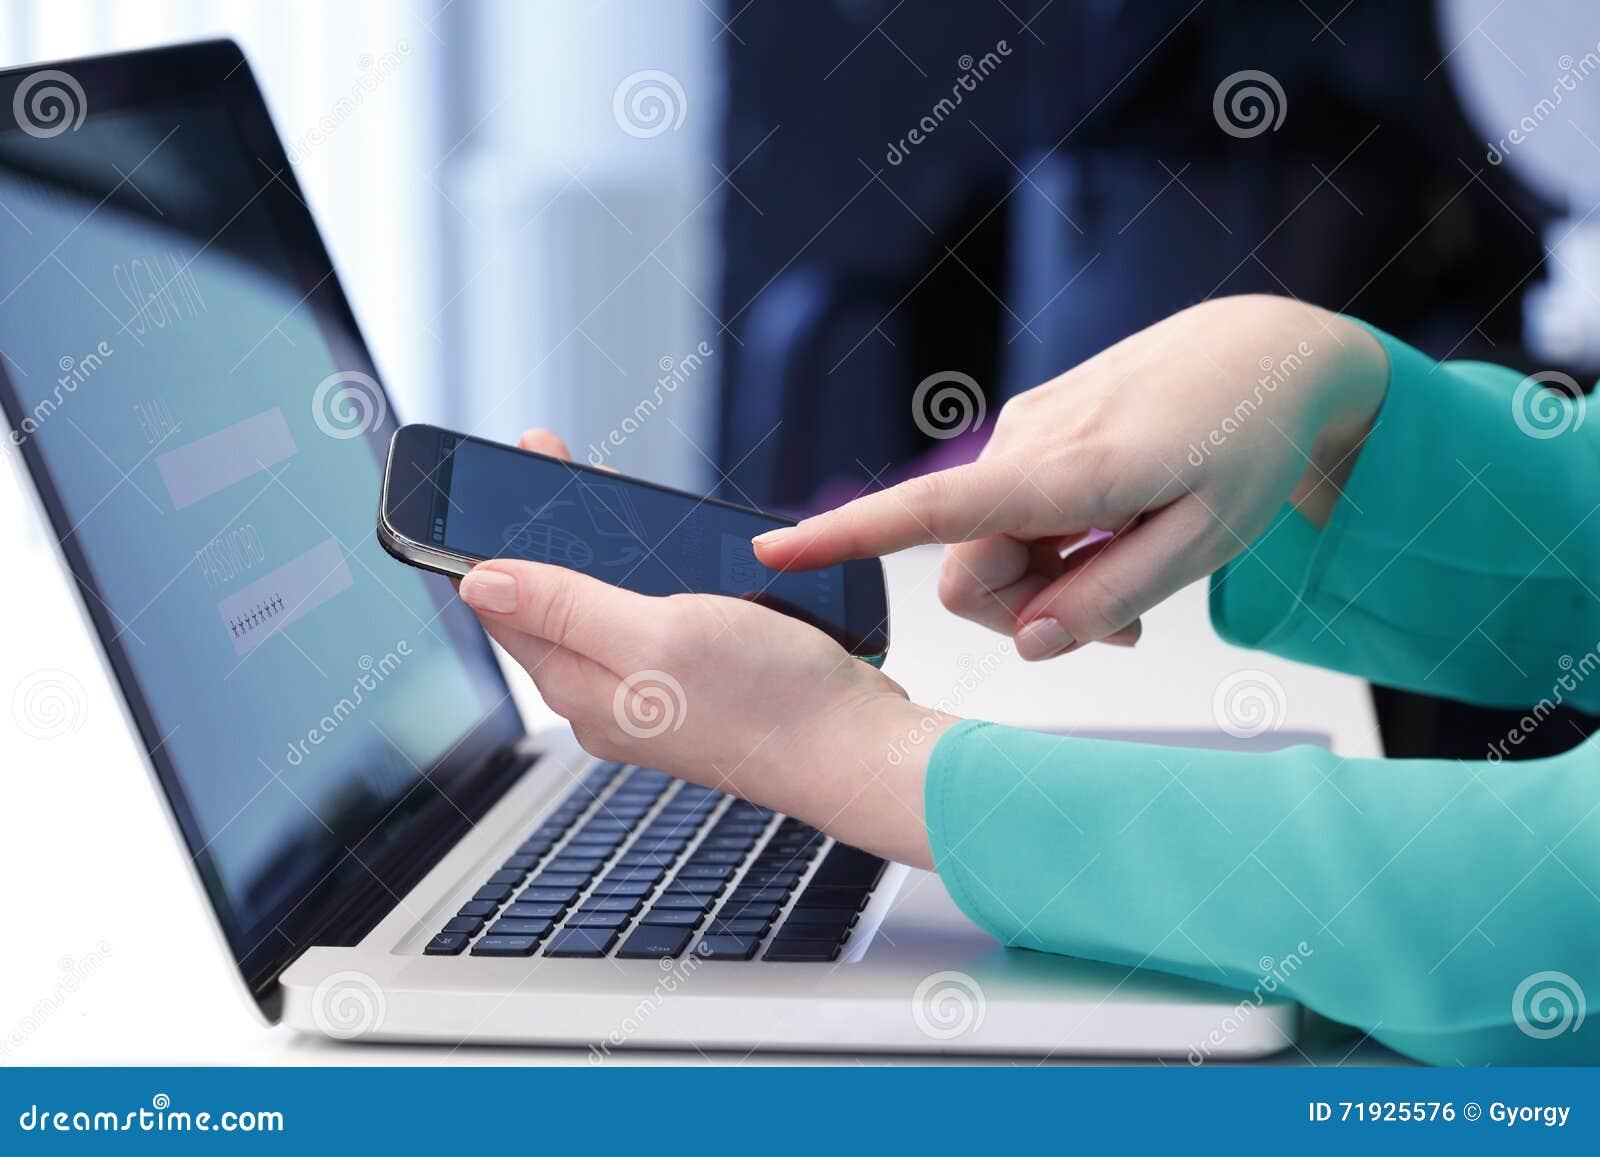 клавиатура и мышь обрамляют выскальзывание депозита и 20 долларовых банкнот